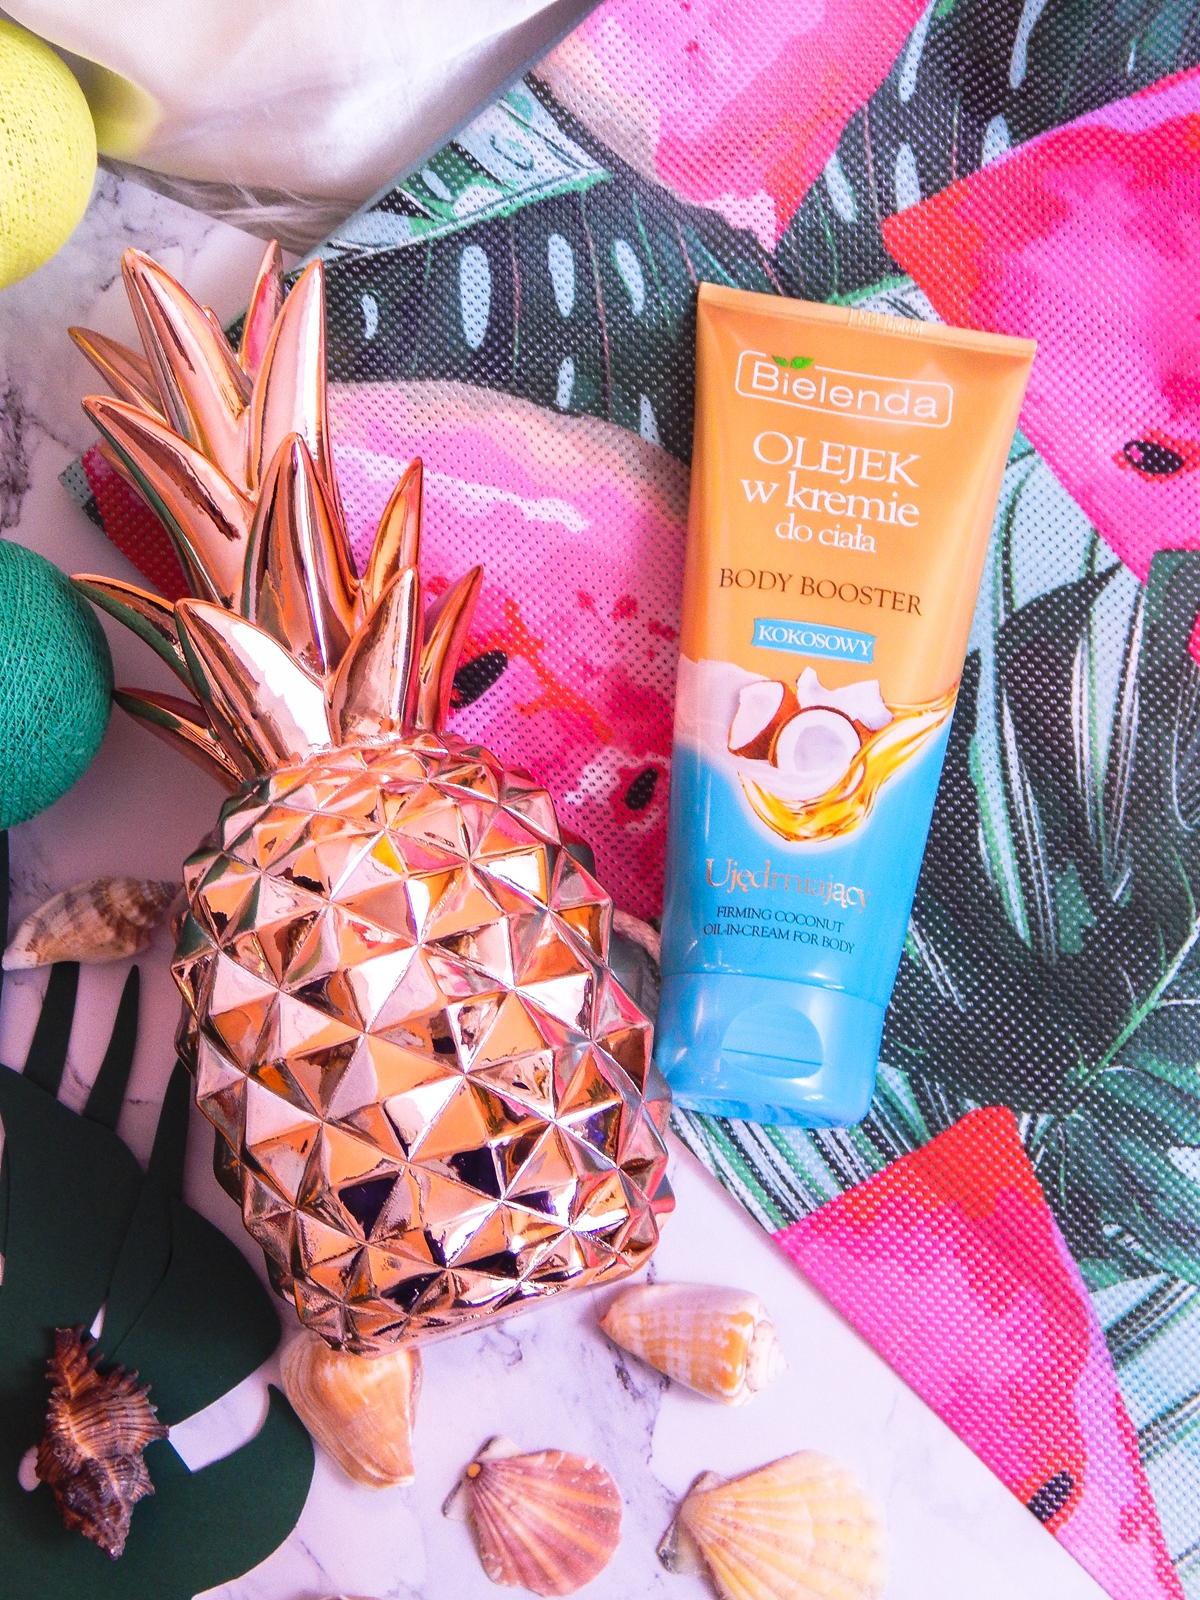 4 bielenda karaibski odżywczy olejek kokosowy do ciała monoi de tahiti recenzja opinia cena melodylaniella blog lifestyle urodowy blogerki z łodzi blogerka recenzje olejek w kremie kokosowy kosmetyki